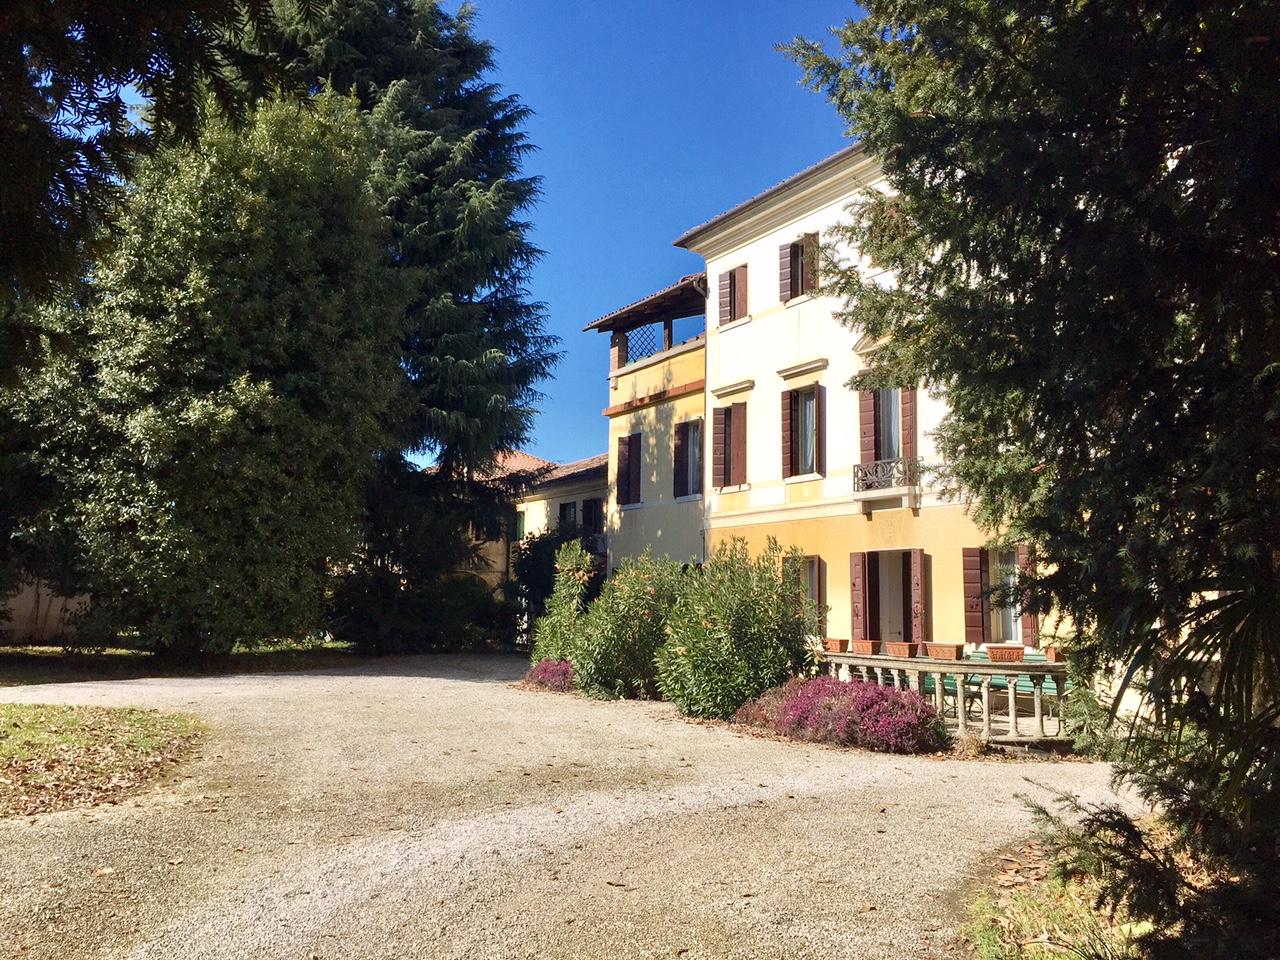 Villa in vendita a Treviso, 20 locali, zona Località: FuoriMura, prezzo € 1.250.000 | Cambio Casa.it